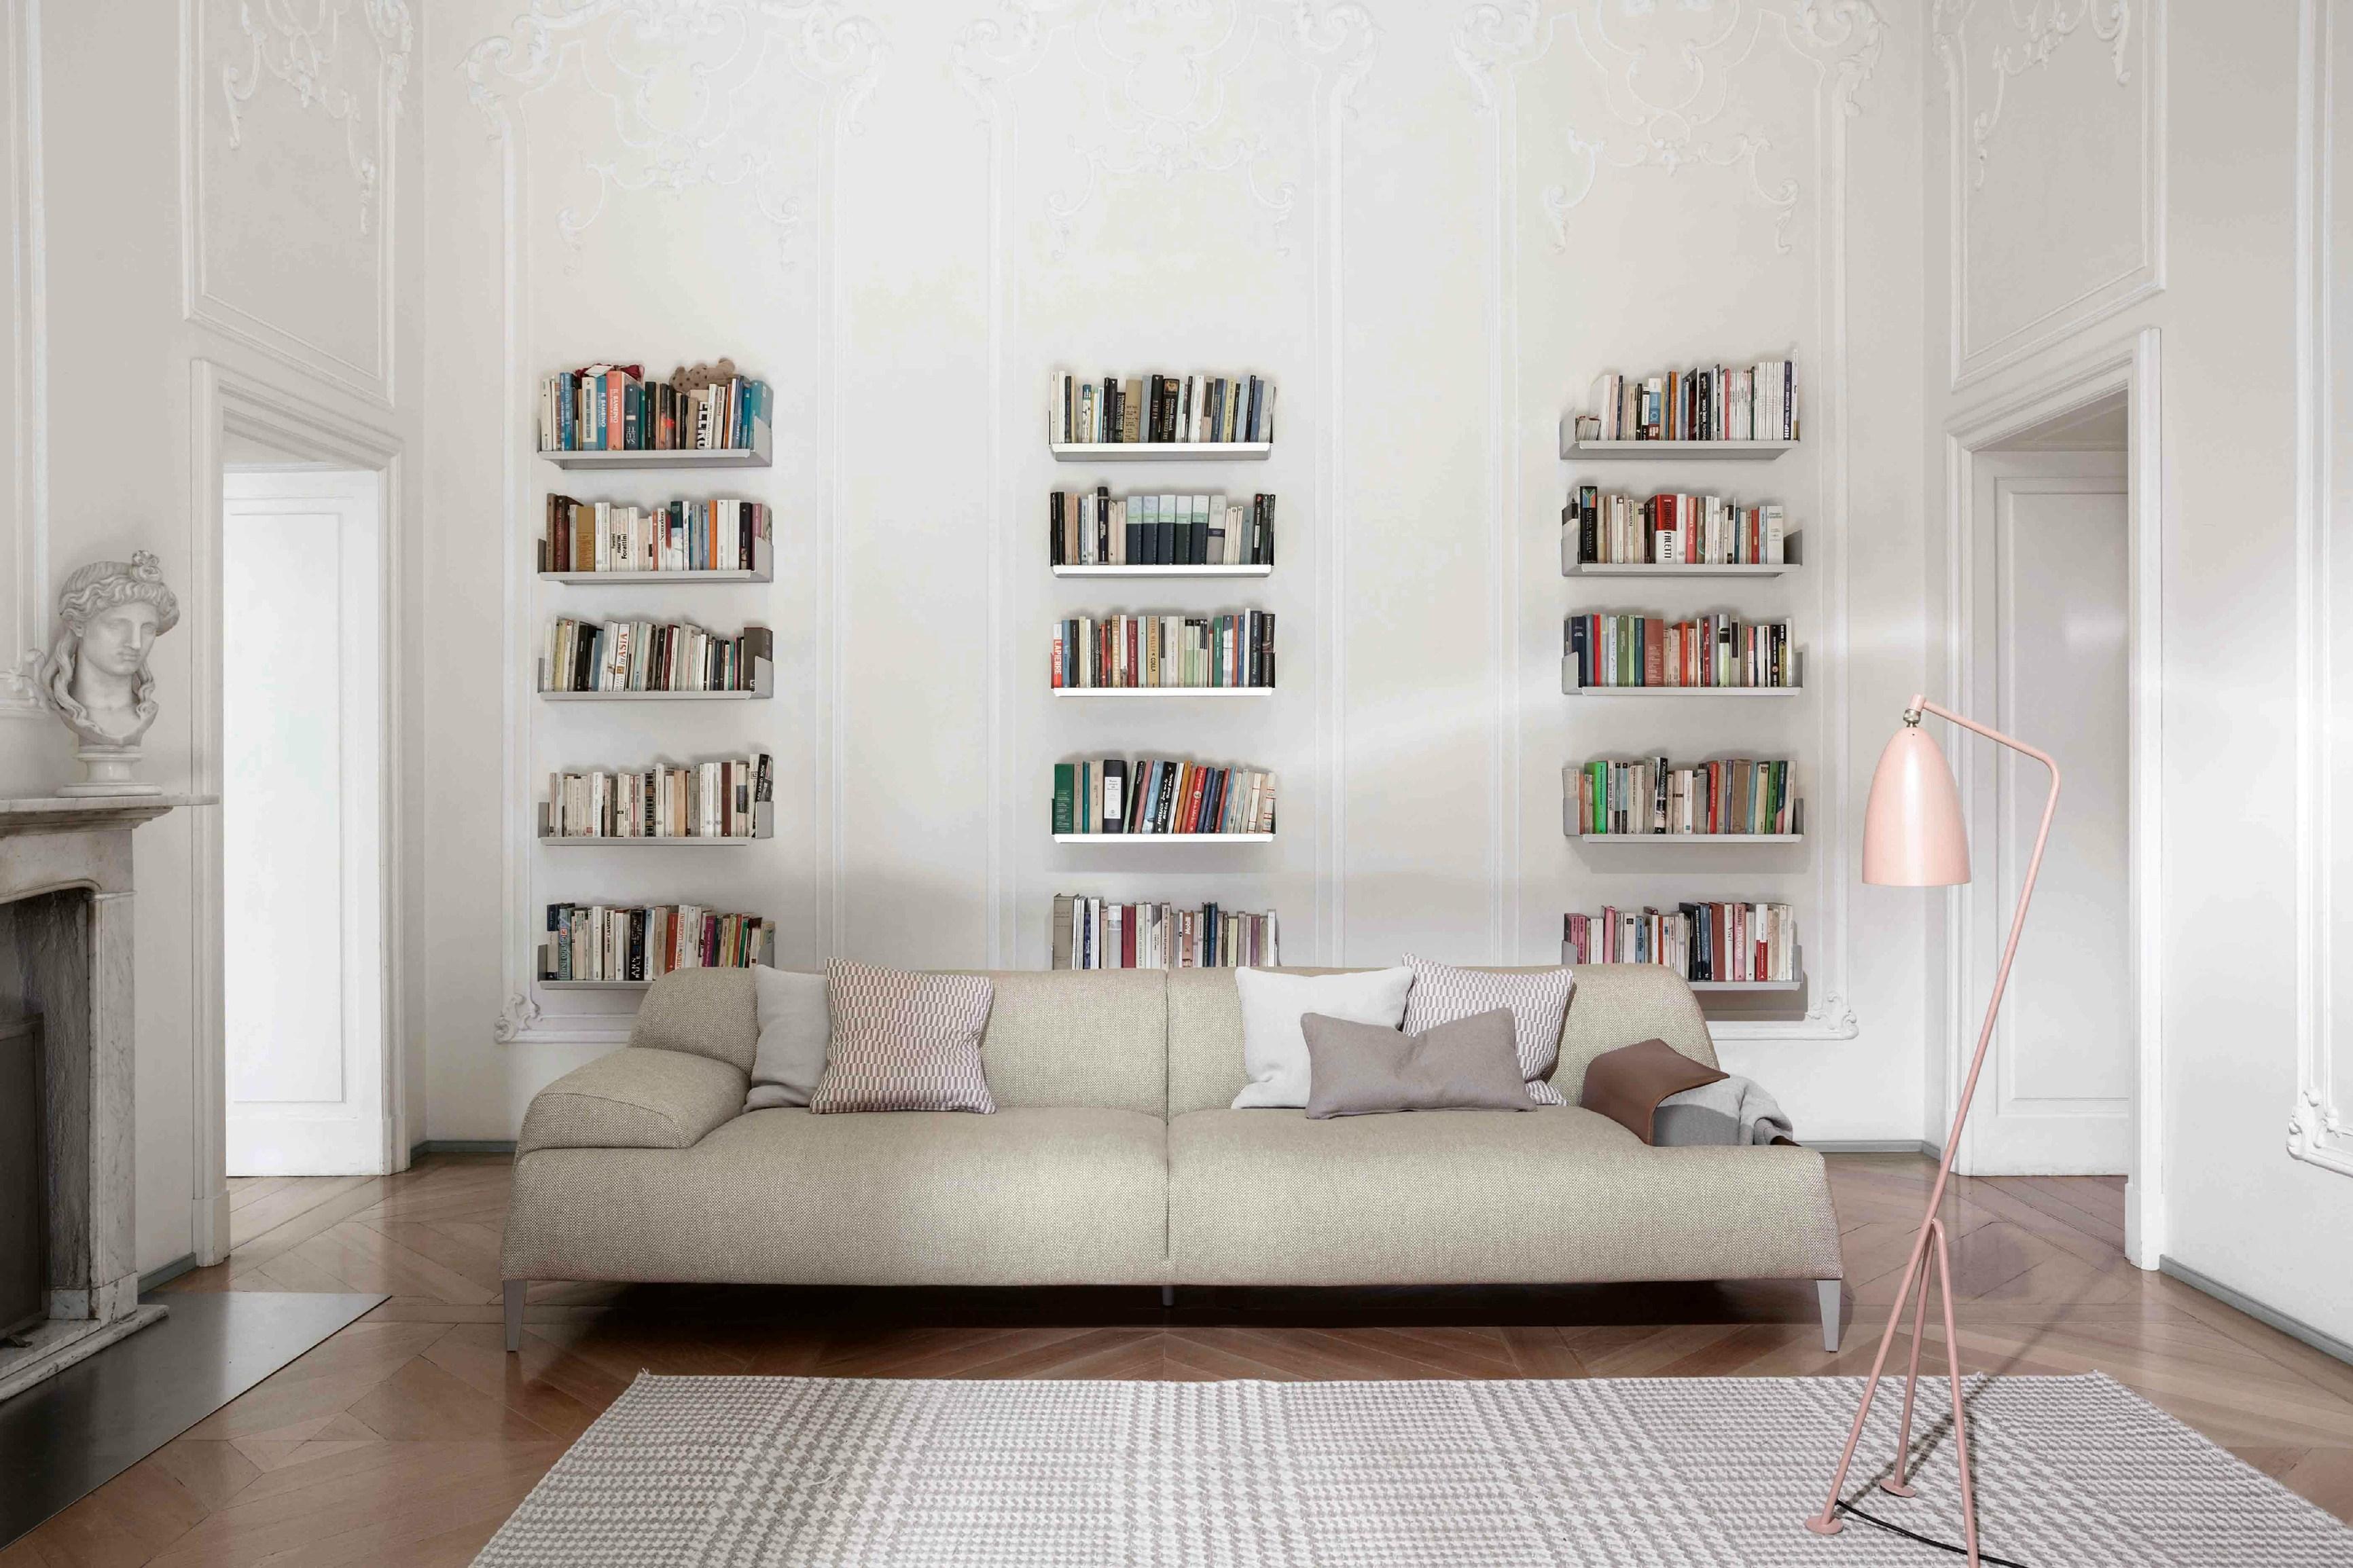 Divano cave di bonaldo design mauro lipparini arredamento design - Altezza quadri sopra divano ...